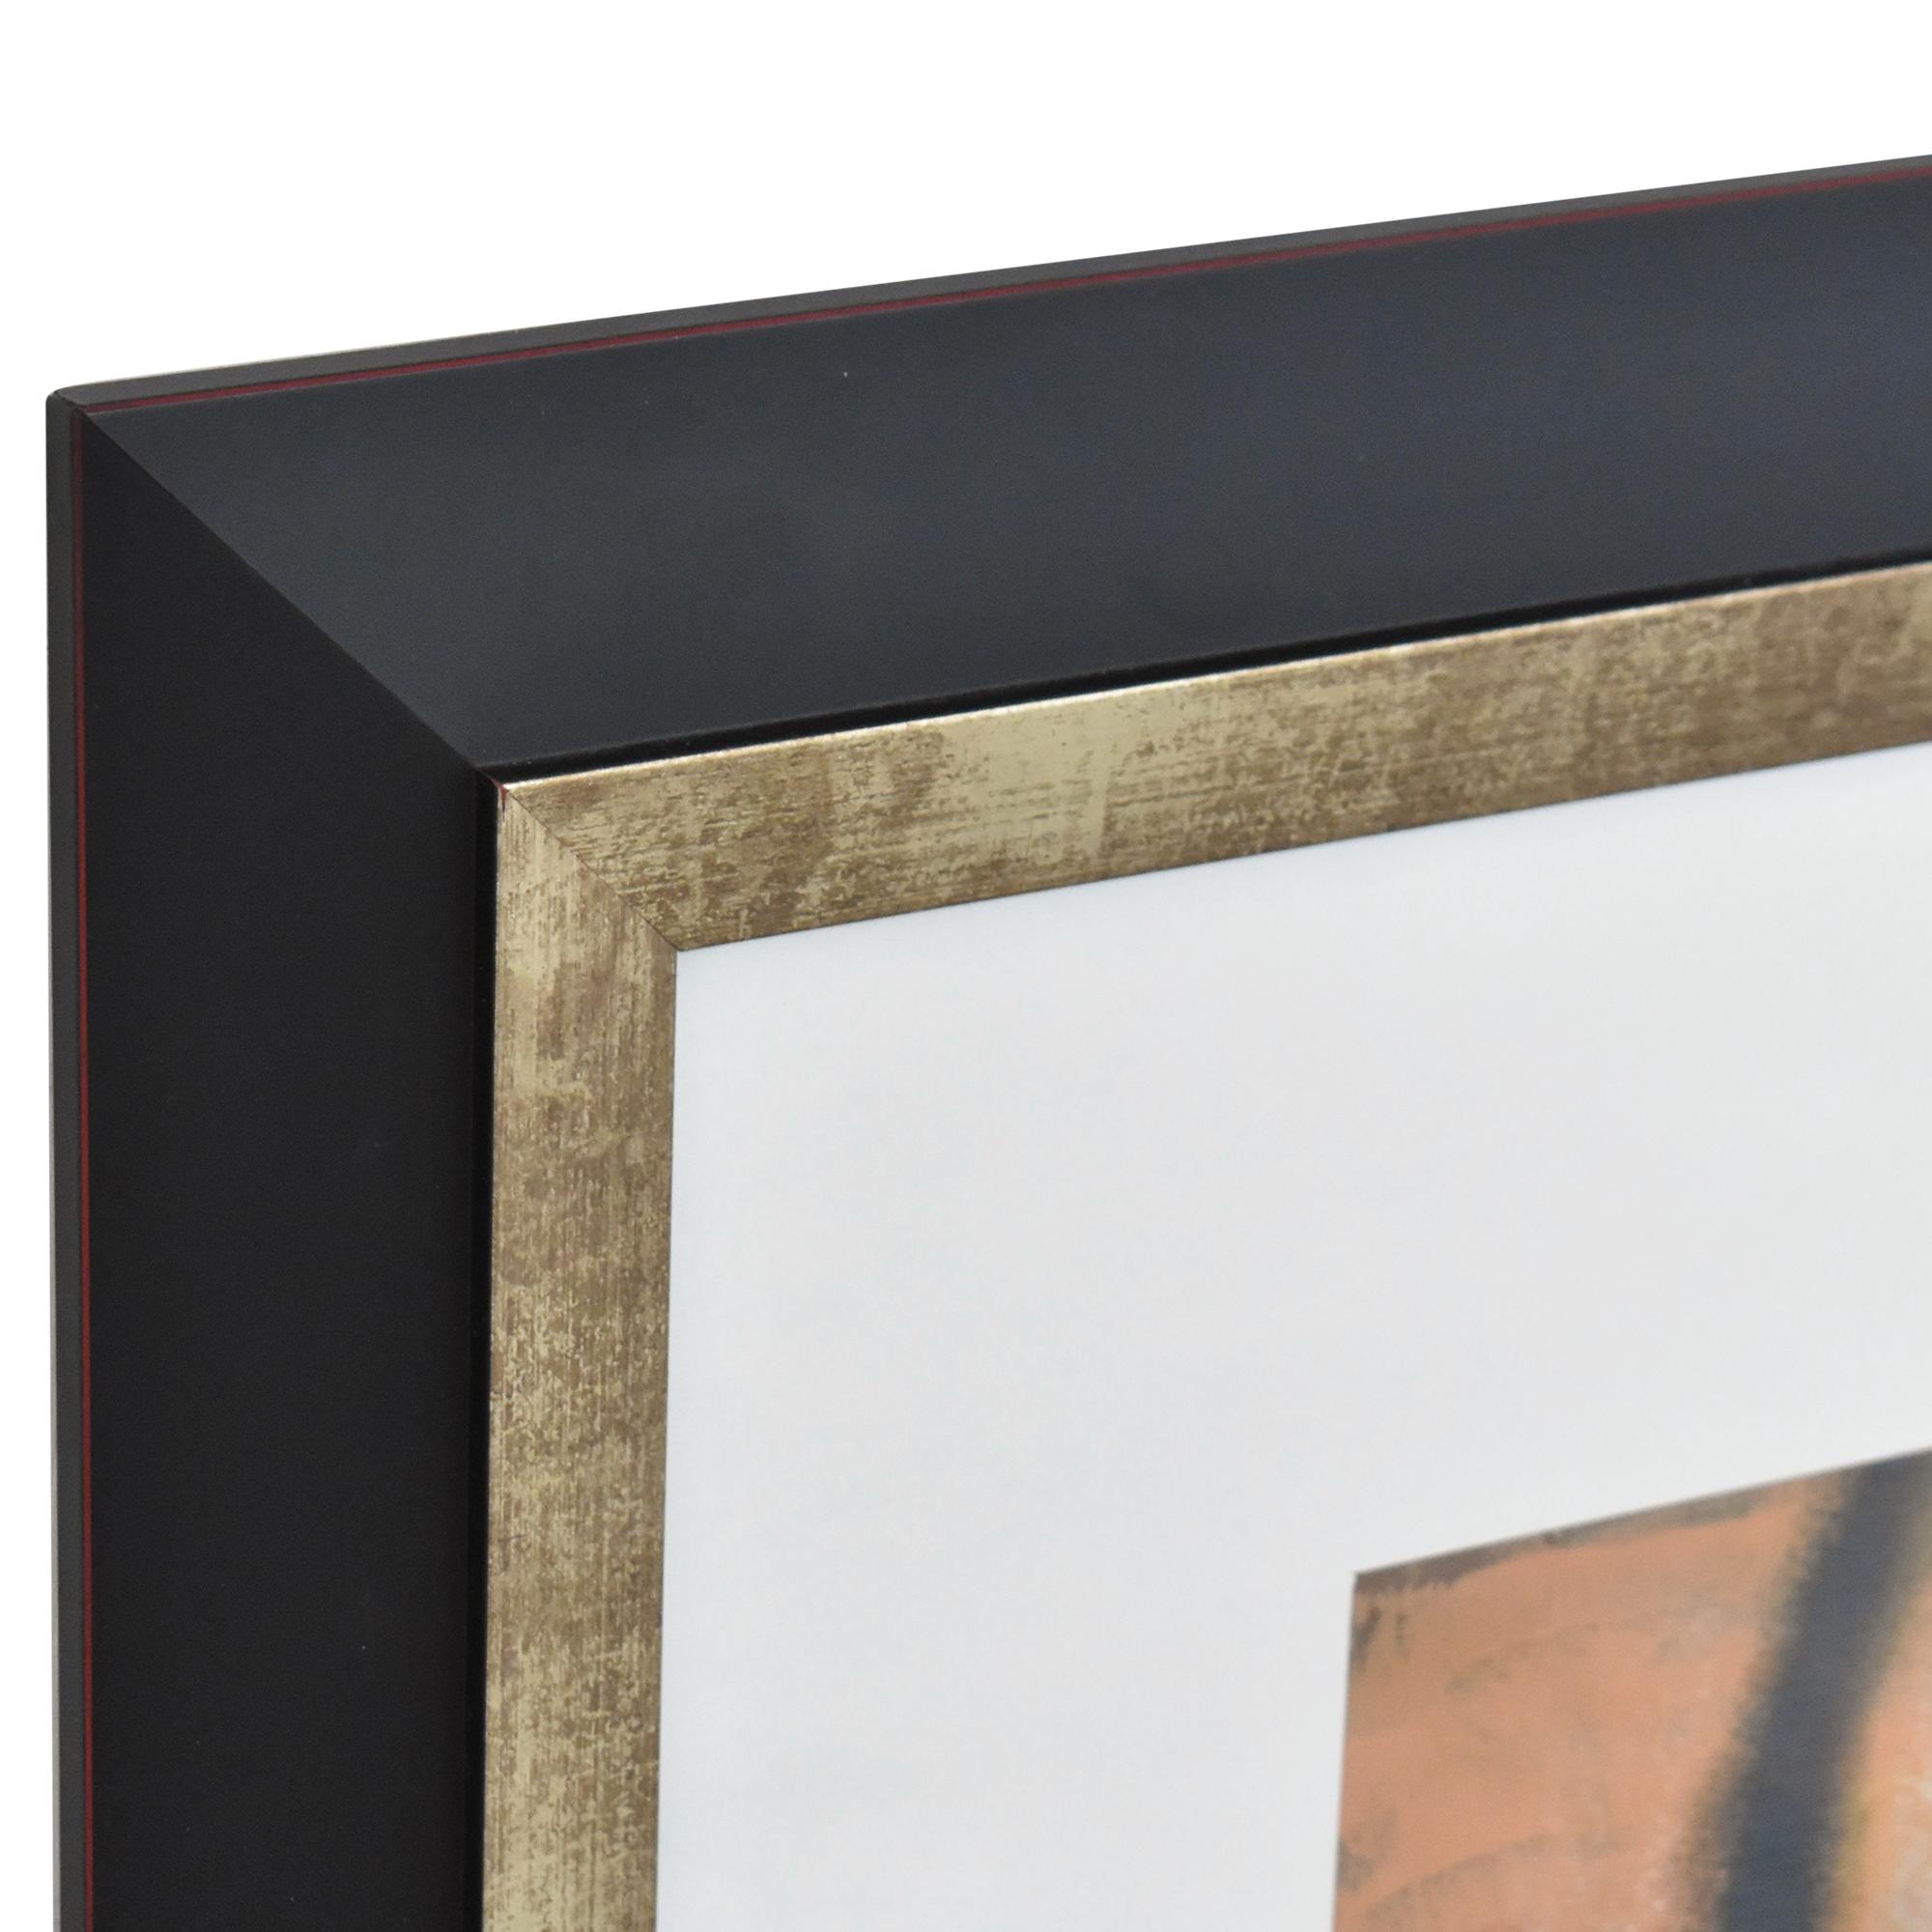 Eric Balint Escorial I & II Framed Wall Art nj